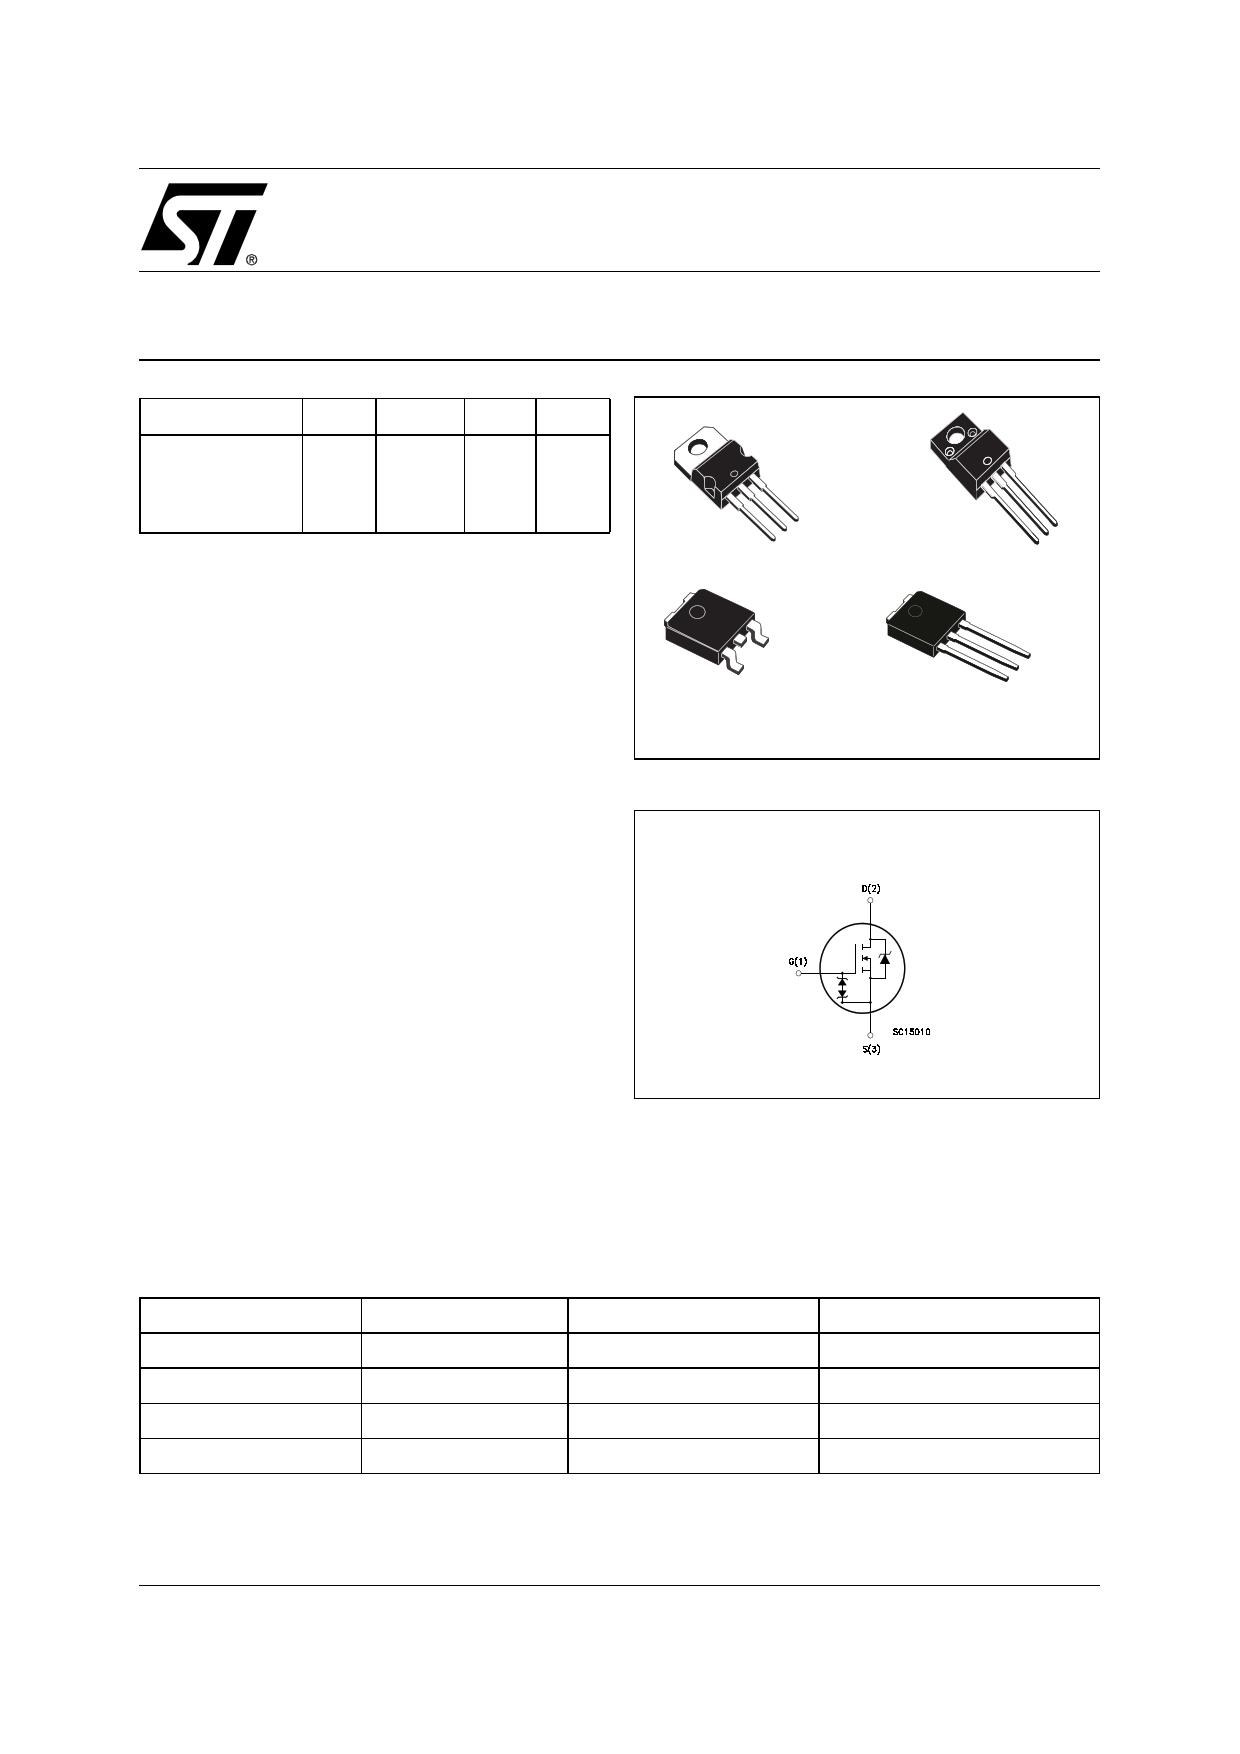 P3NK80Z datasheet, circuit